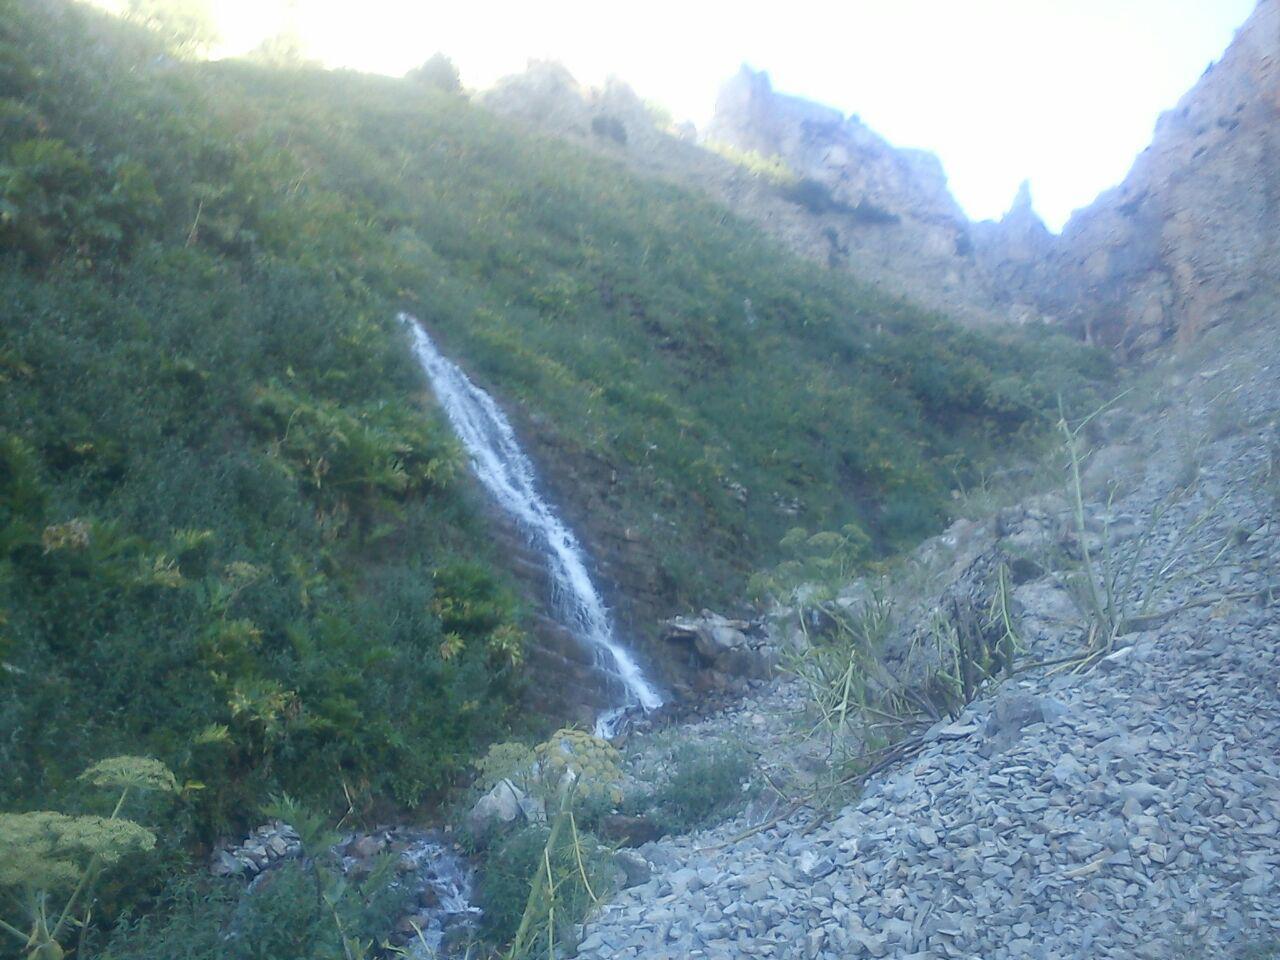 نمایی از طبیعت زیبا و کوهستانی کلات + تصاویر